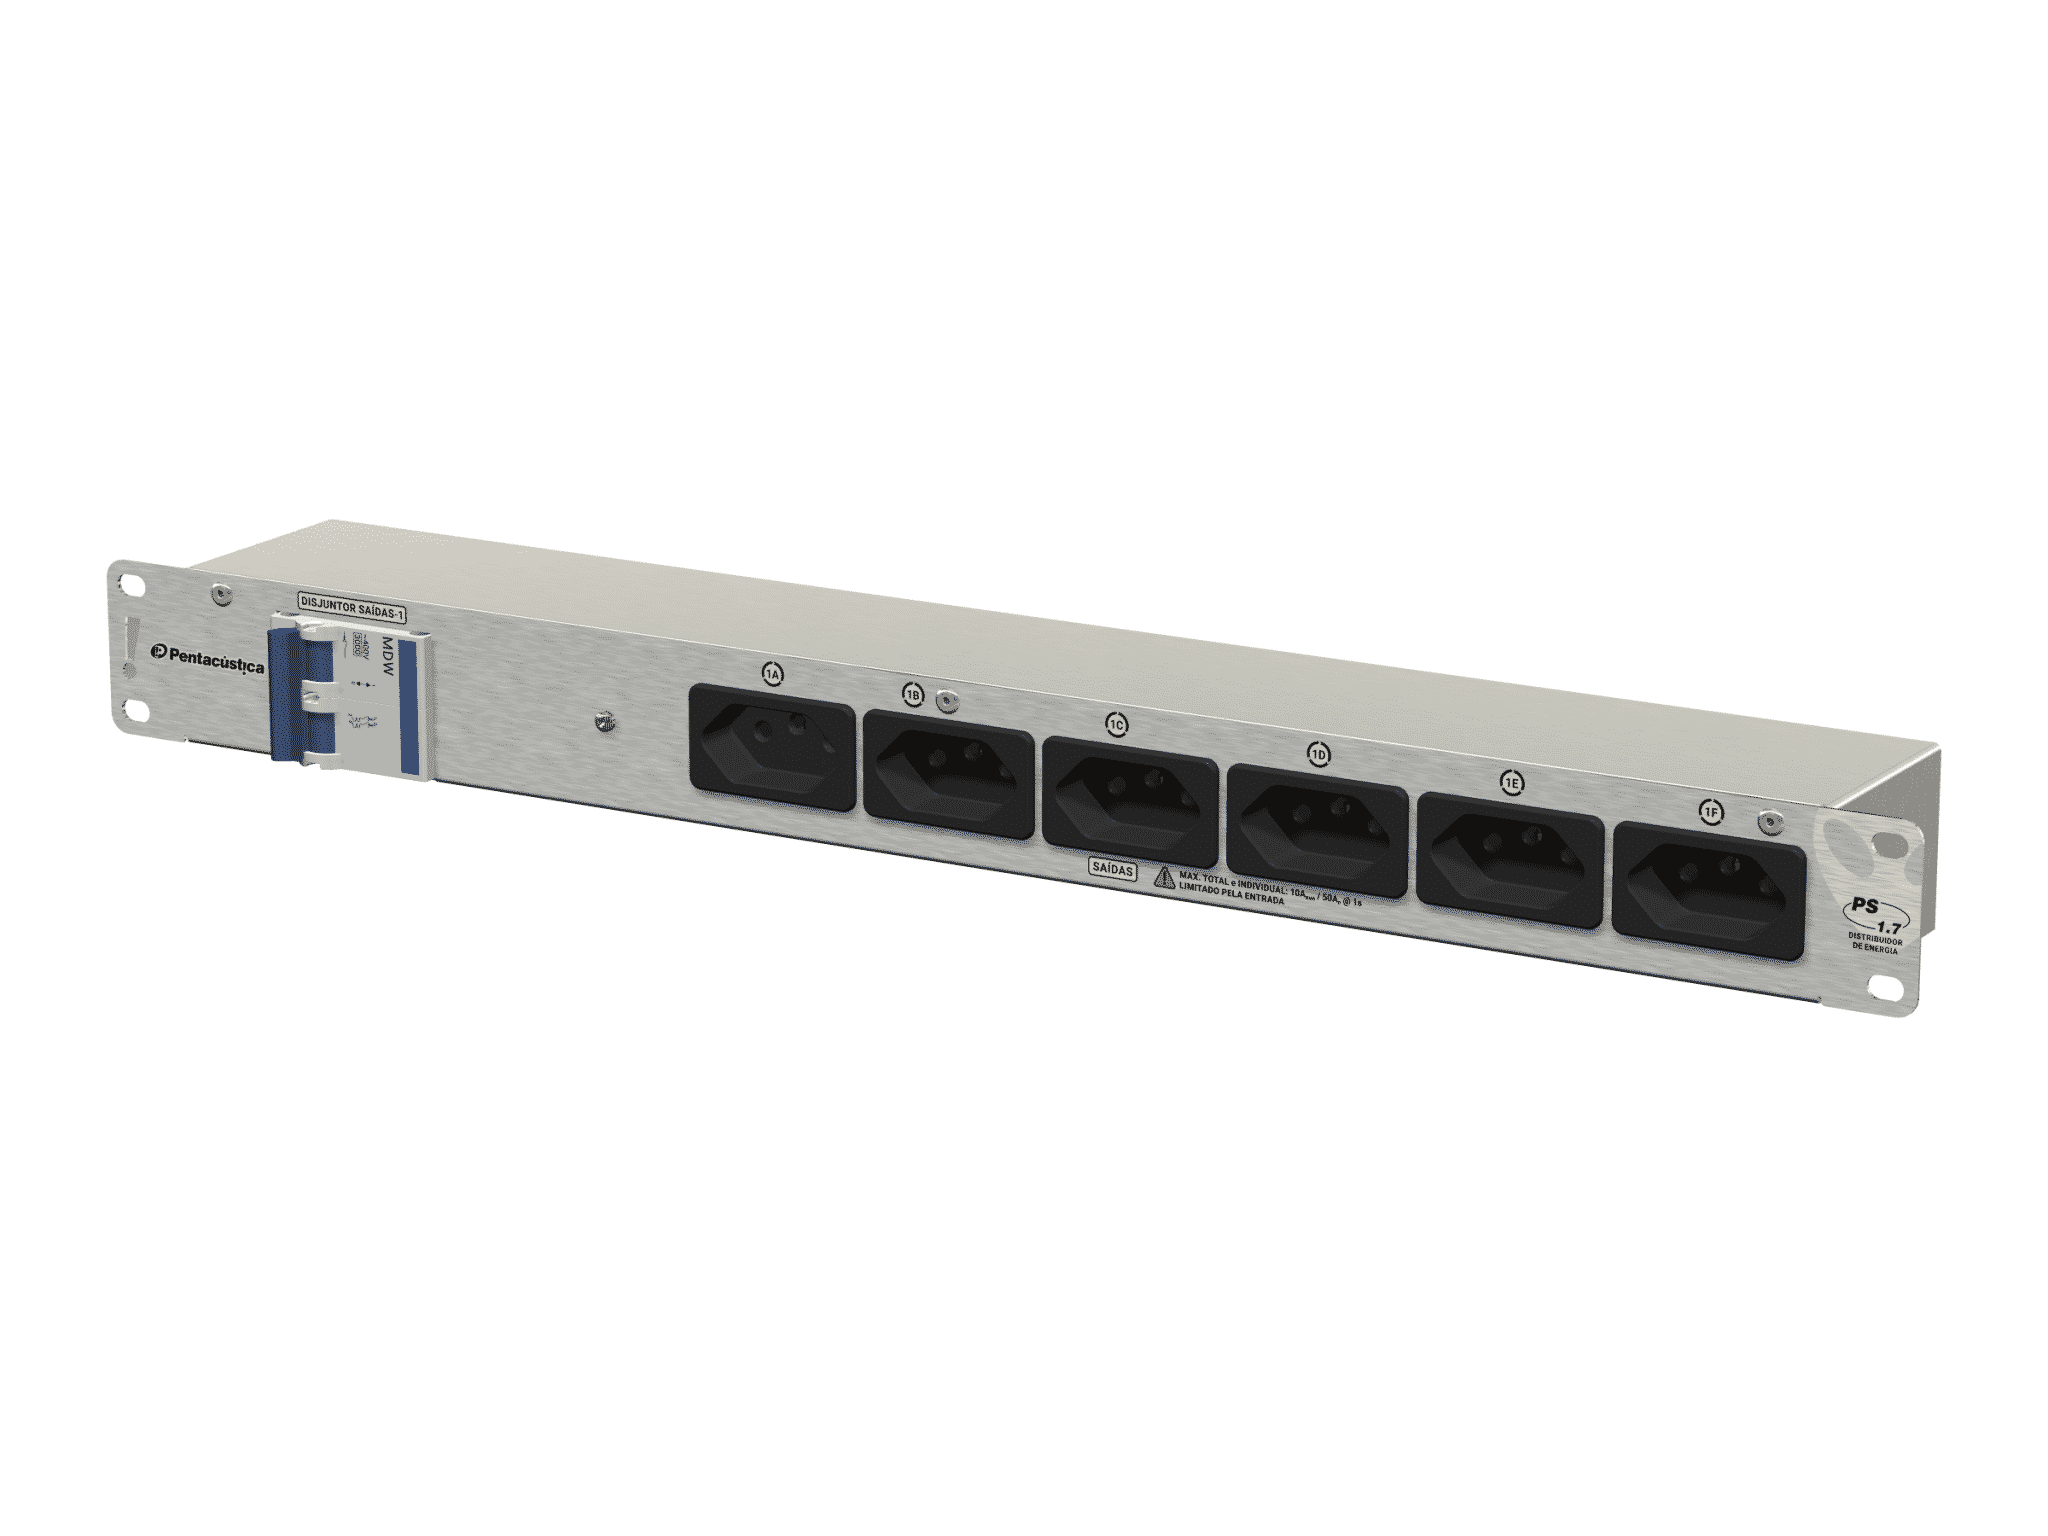 Distribuidor de energia PS-1.7